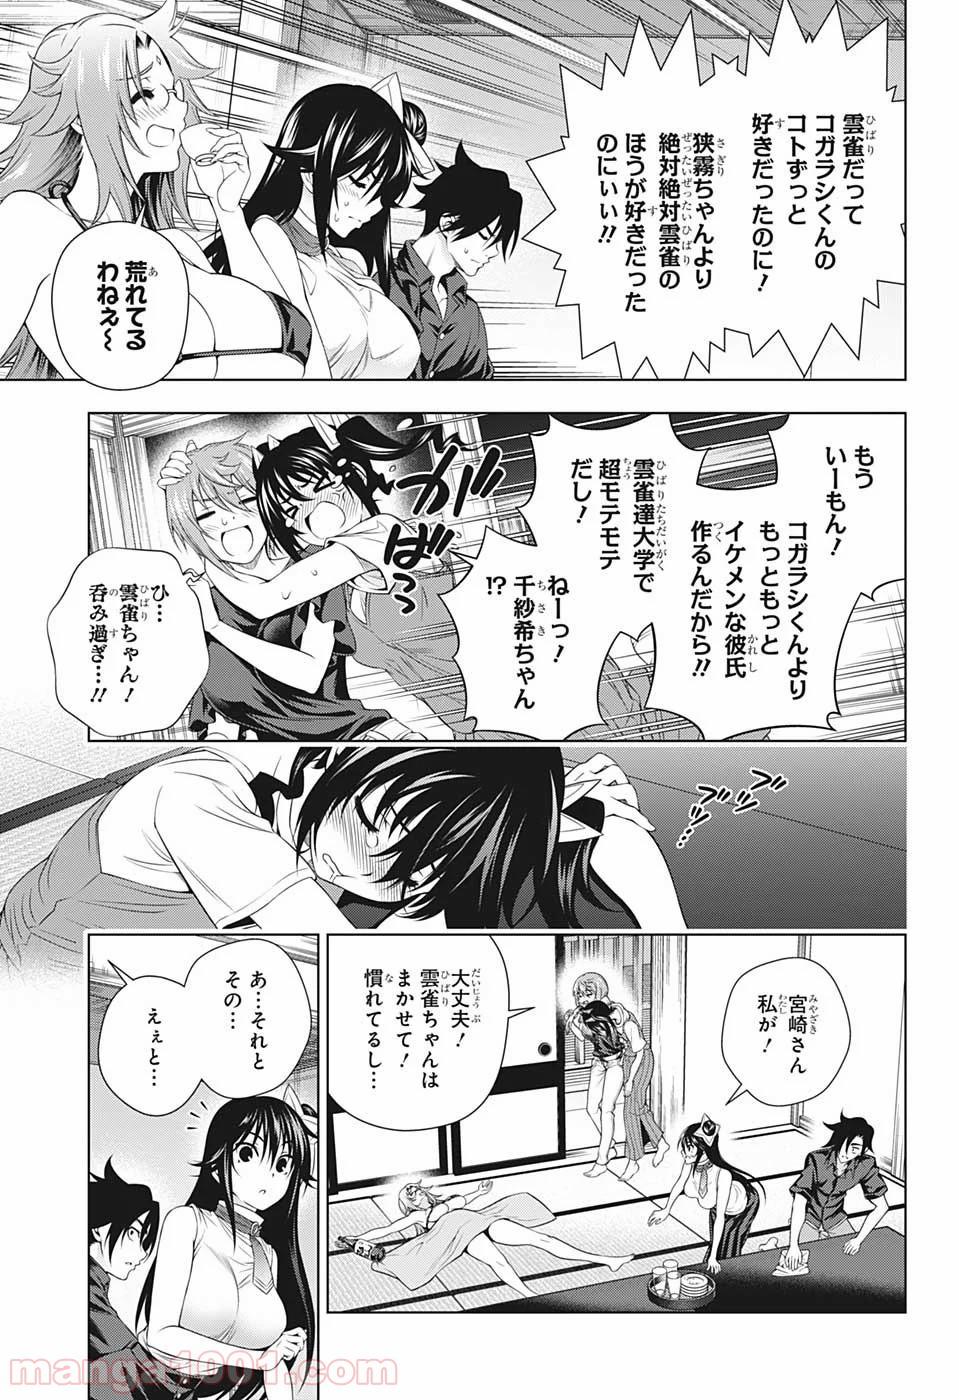 ゆらぎ荘の幽奈さん 141話